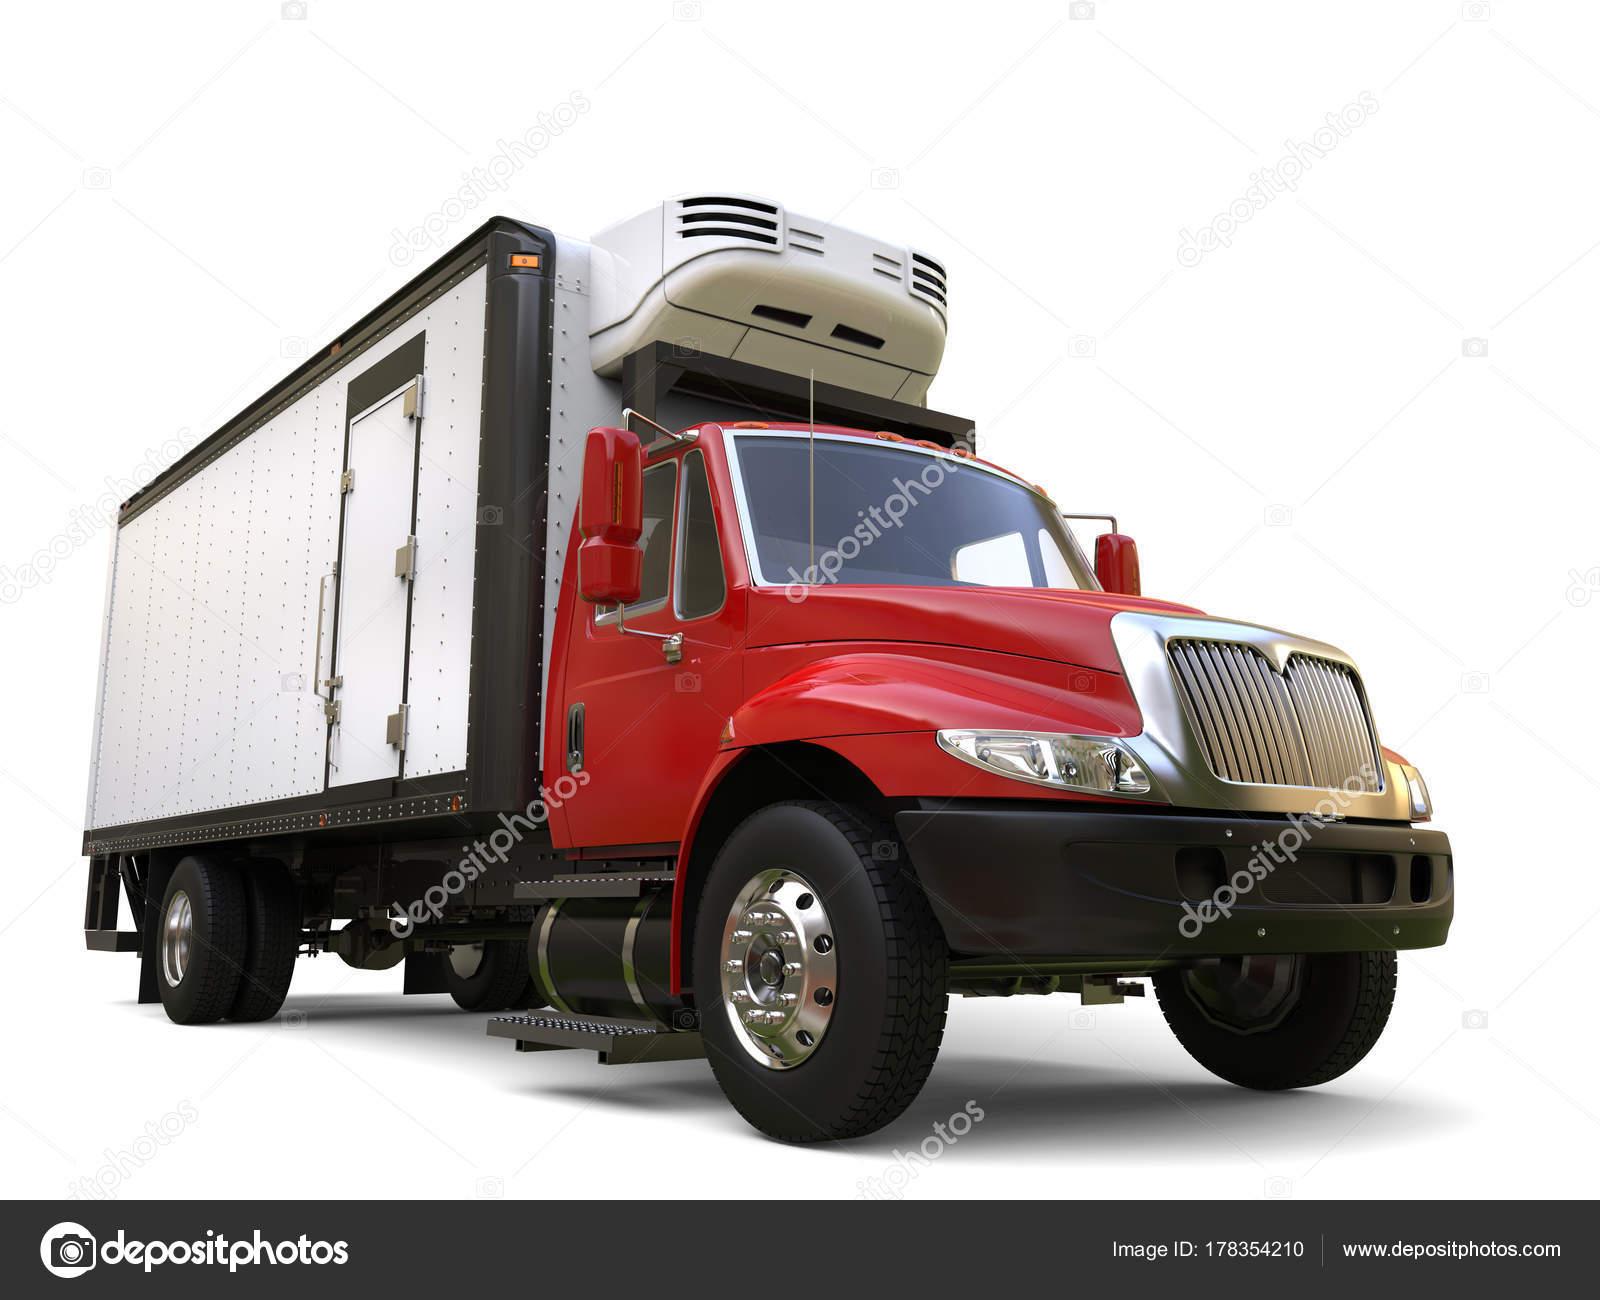 Kühlschrank Im Auto Transportieren : Roten kühlschrank lkw vorderansicht niedrigen winkel gedreht